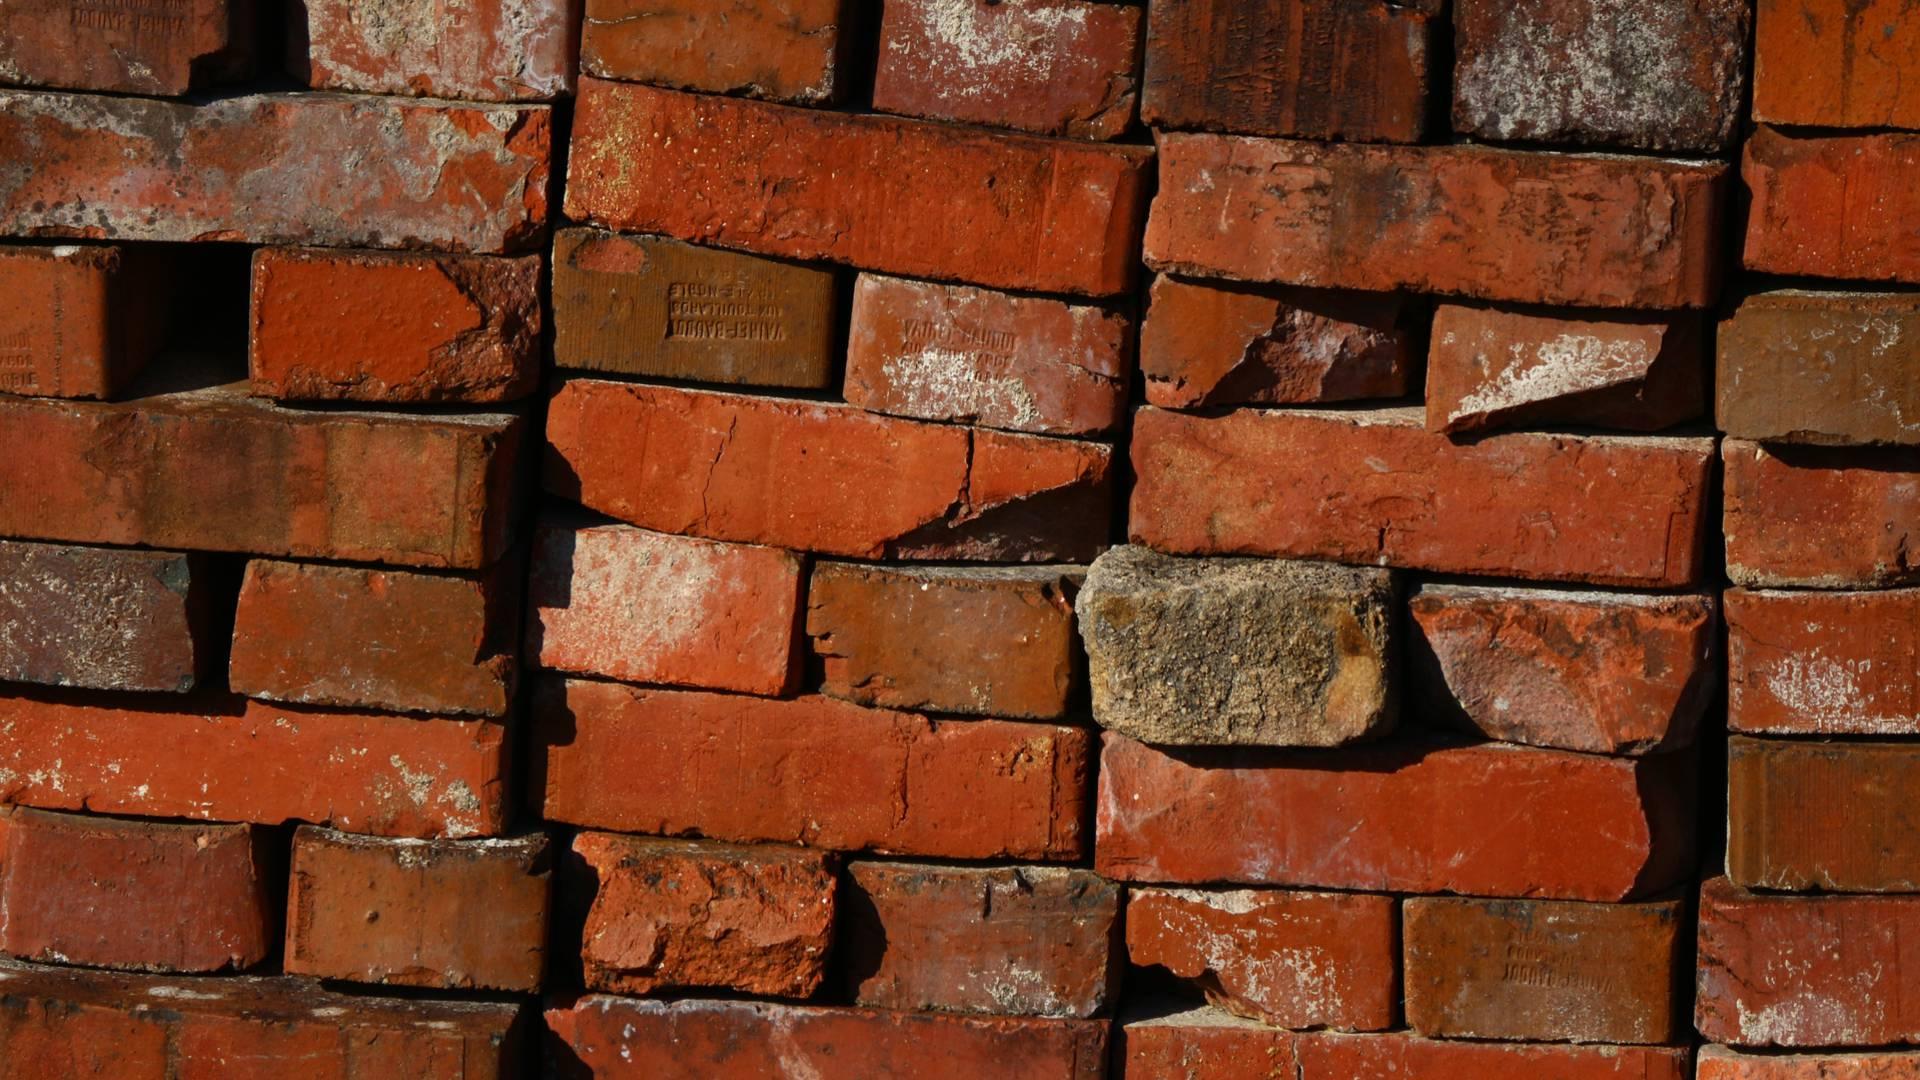 Tas de briques à la Briqueterie, Ciry-le-Noble. © Cyrille Dinant.